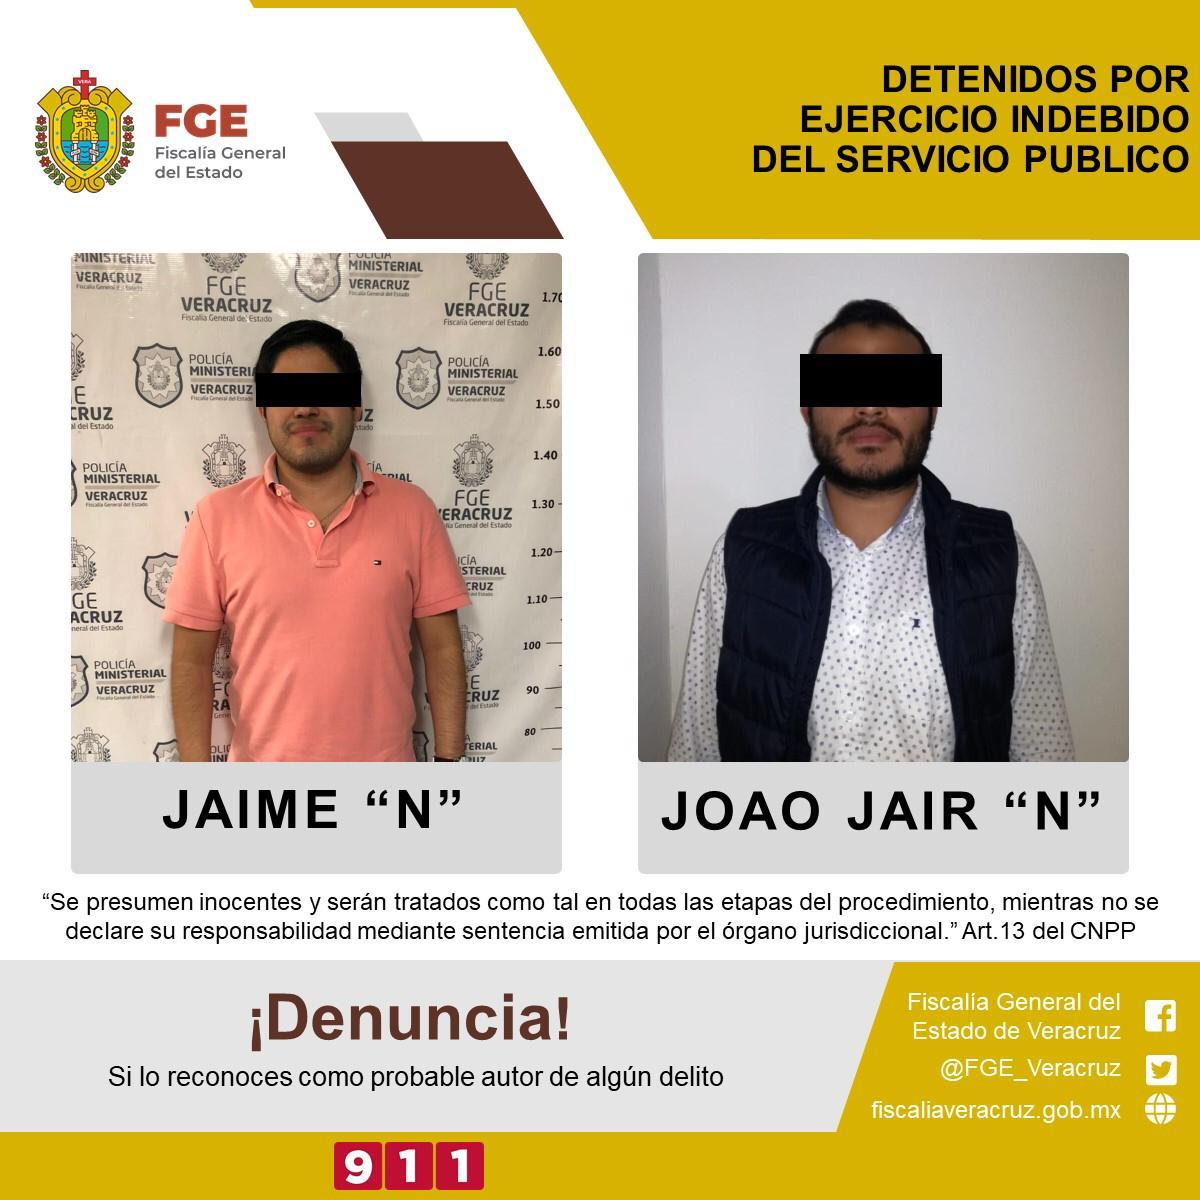 """FGE detiene a Jaime """"N"""" y Joao Jaír """"N"""" por presunto ejercicio indebido del servicio público"""